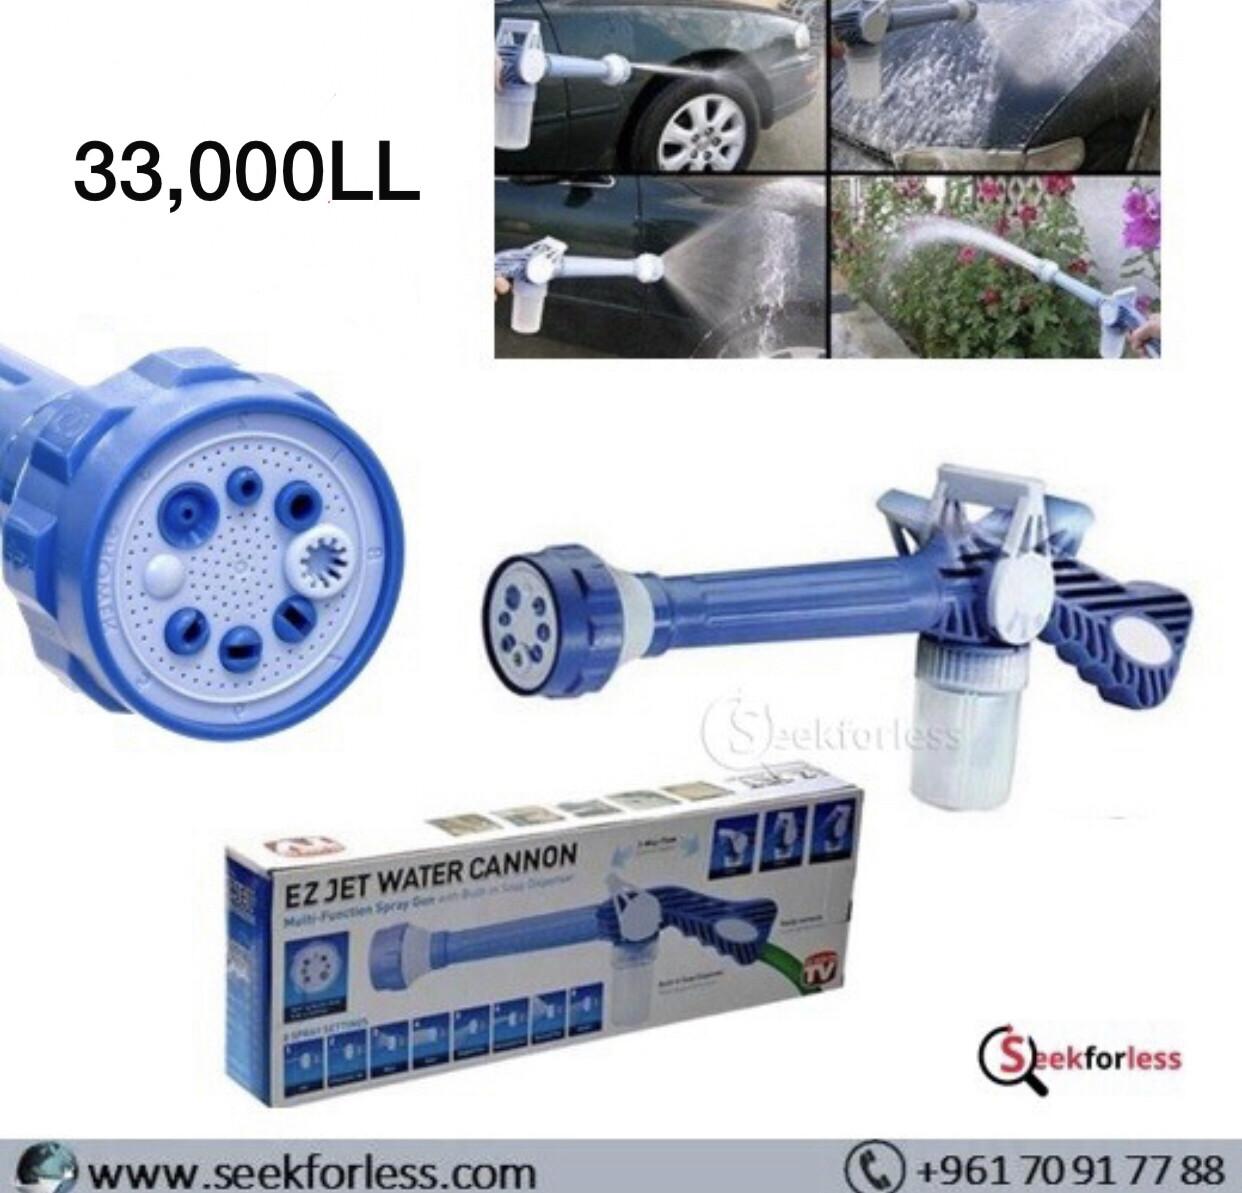 EZ Jet Water Cannon